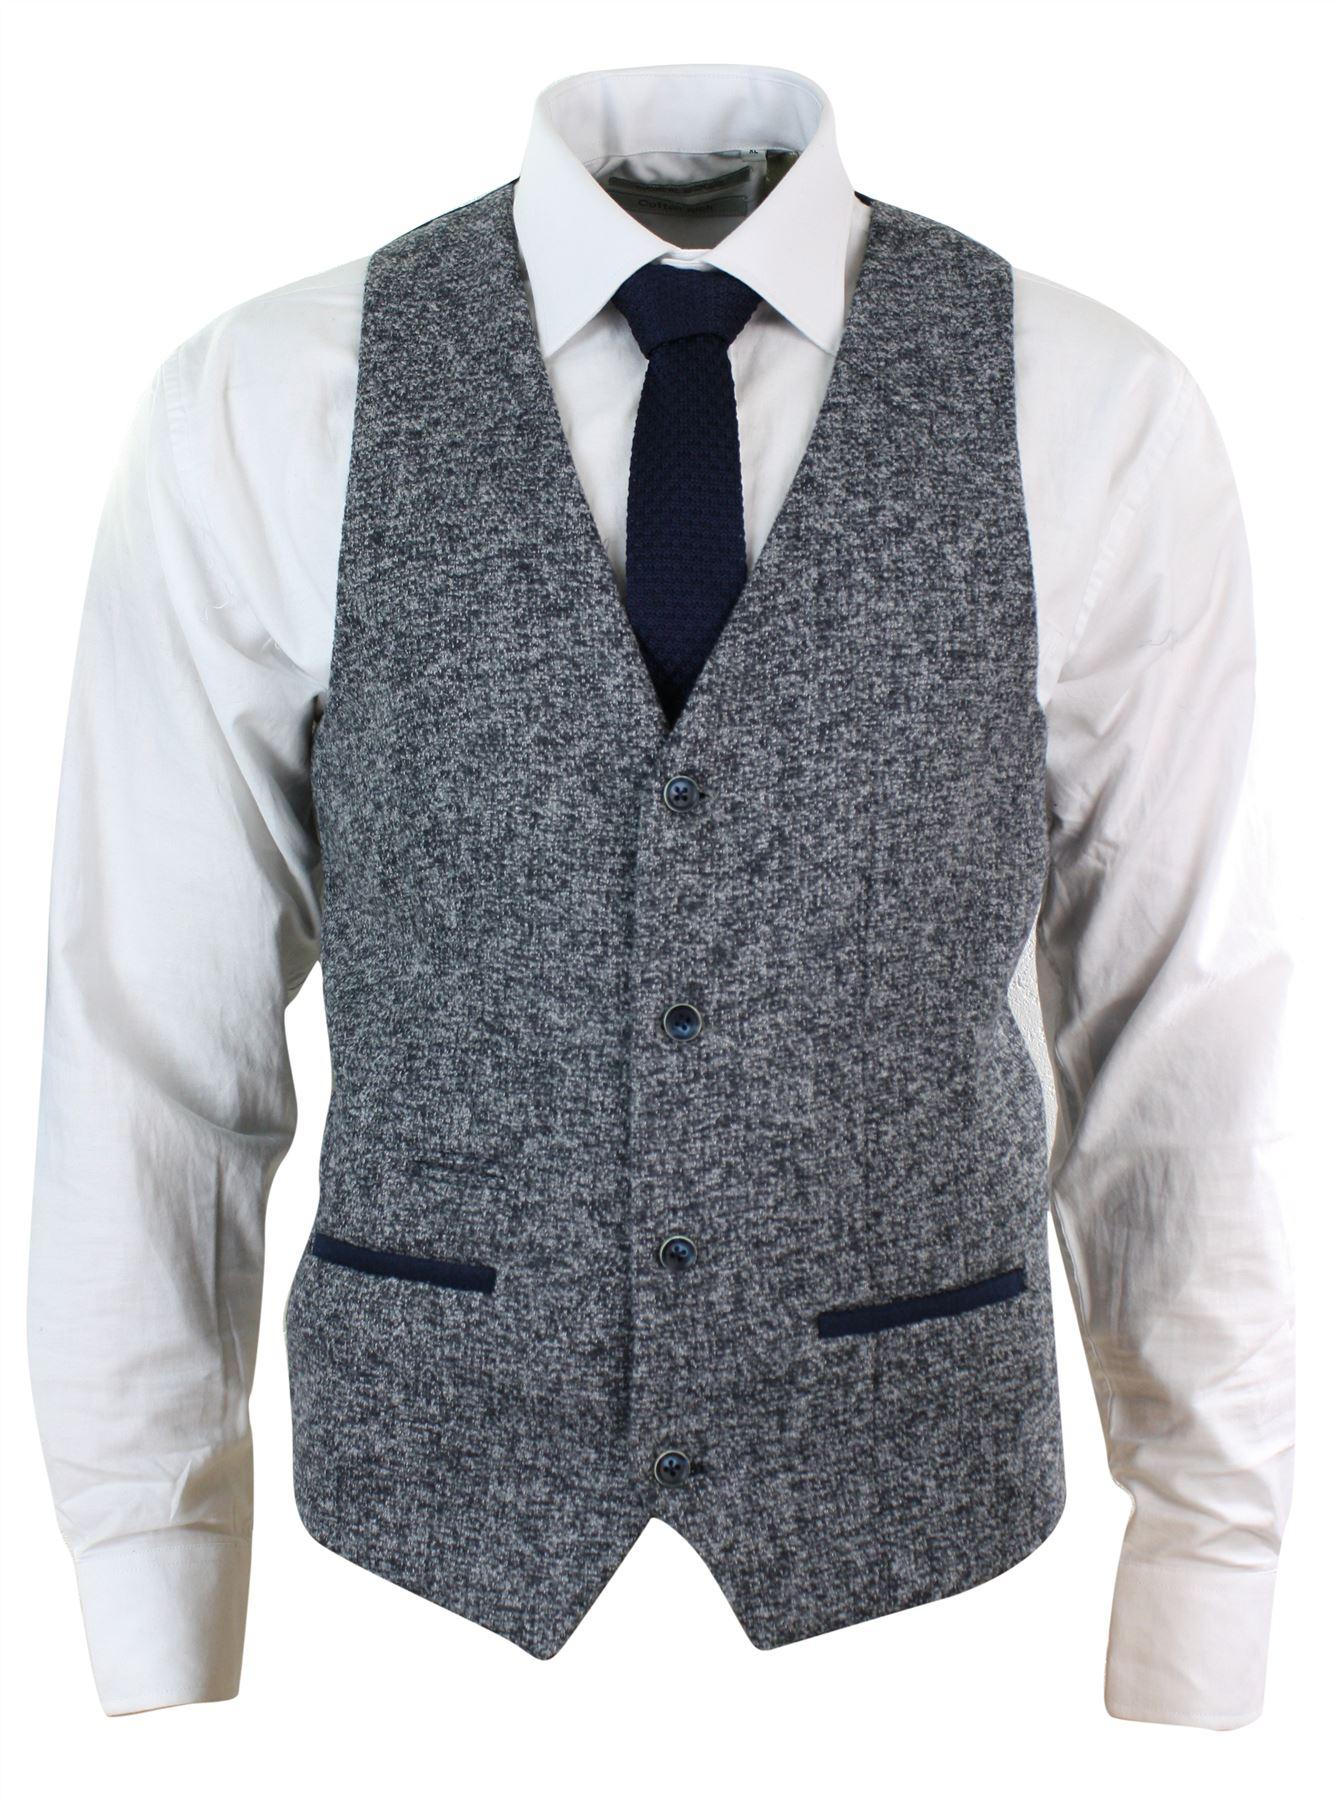 veste ou gilet homme tweed gris bleu coupe cintr e tissu pais chic d contract ebay. Black Bedroom Furniture Sets. Home Design Ideas